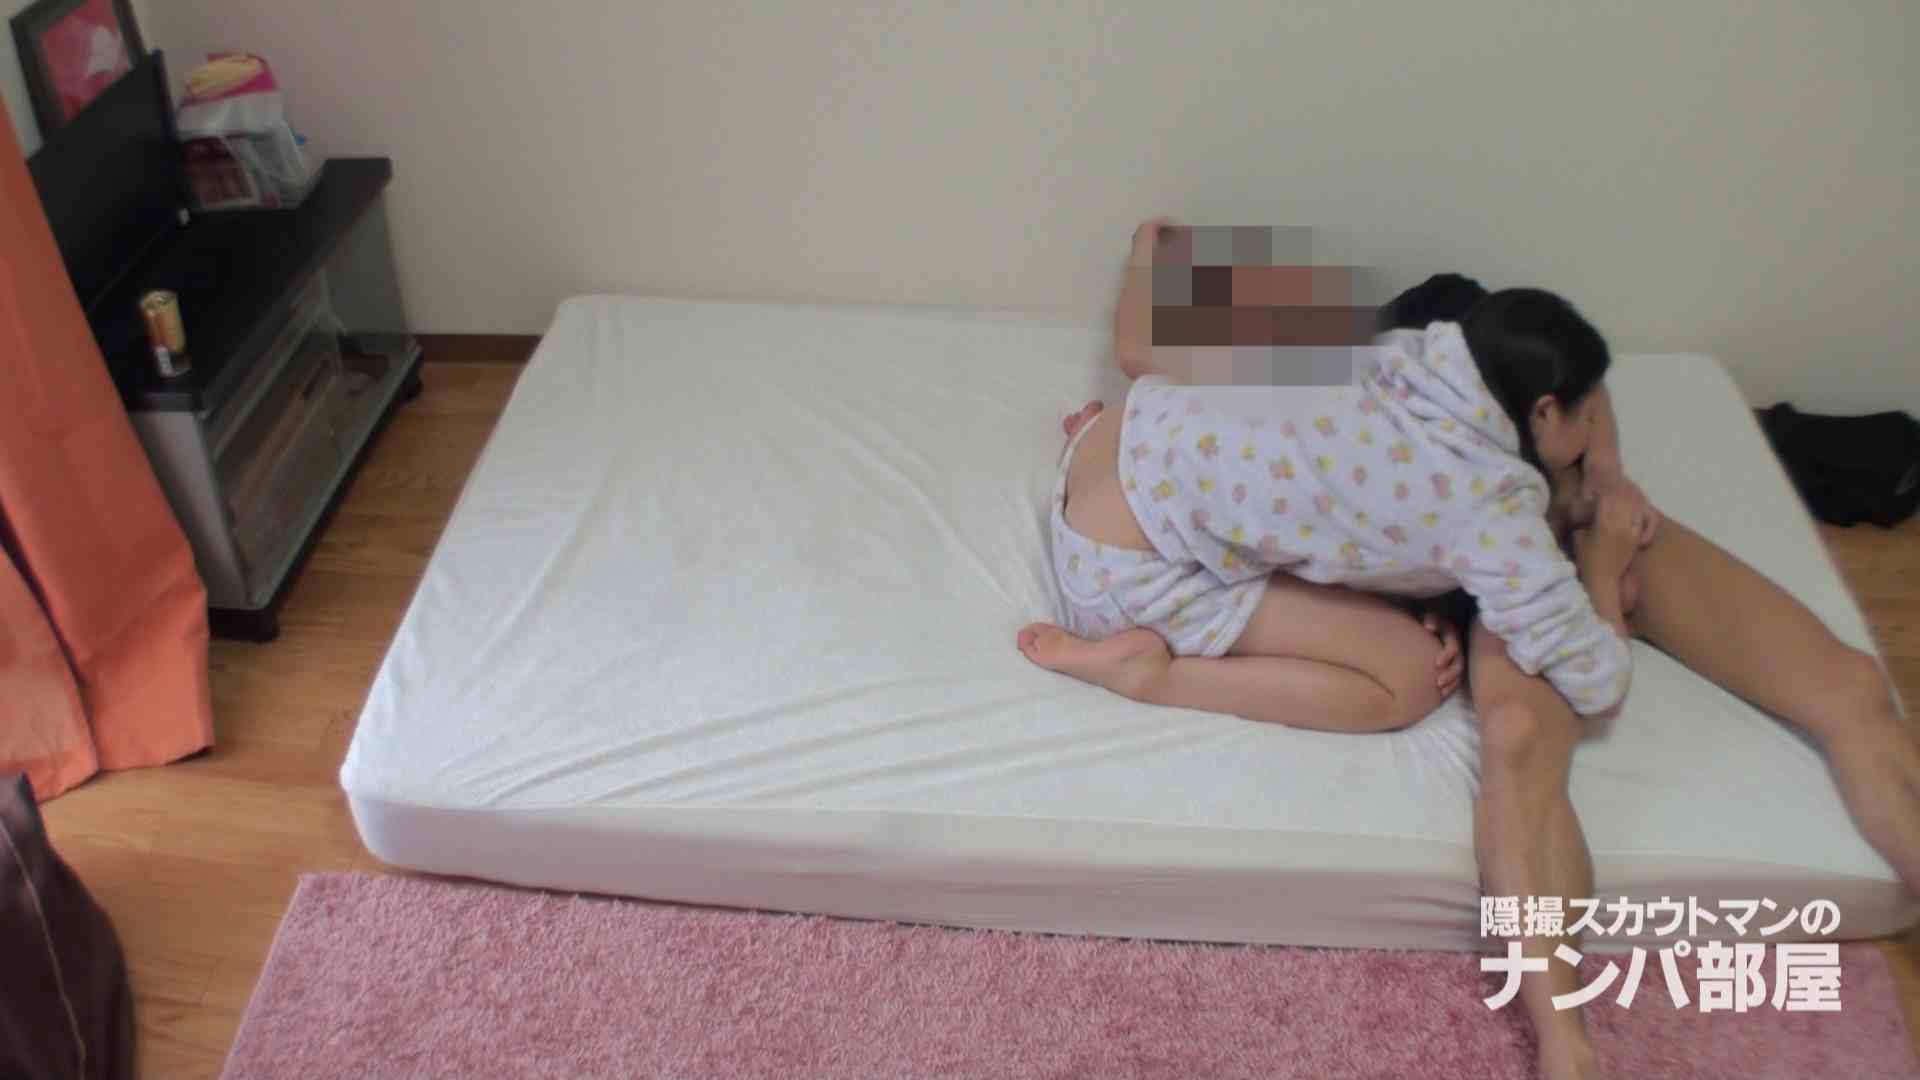 無修正エロ動画 隠撮スカウトマンのナンパ部屋~風俗デビュー前のつまみ食い~hanavol.3 大奥